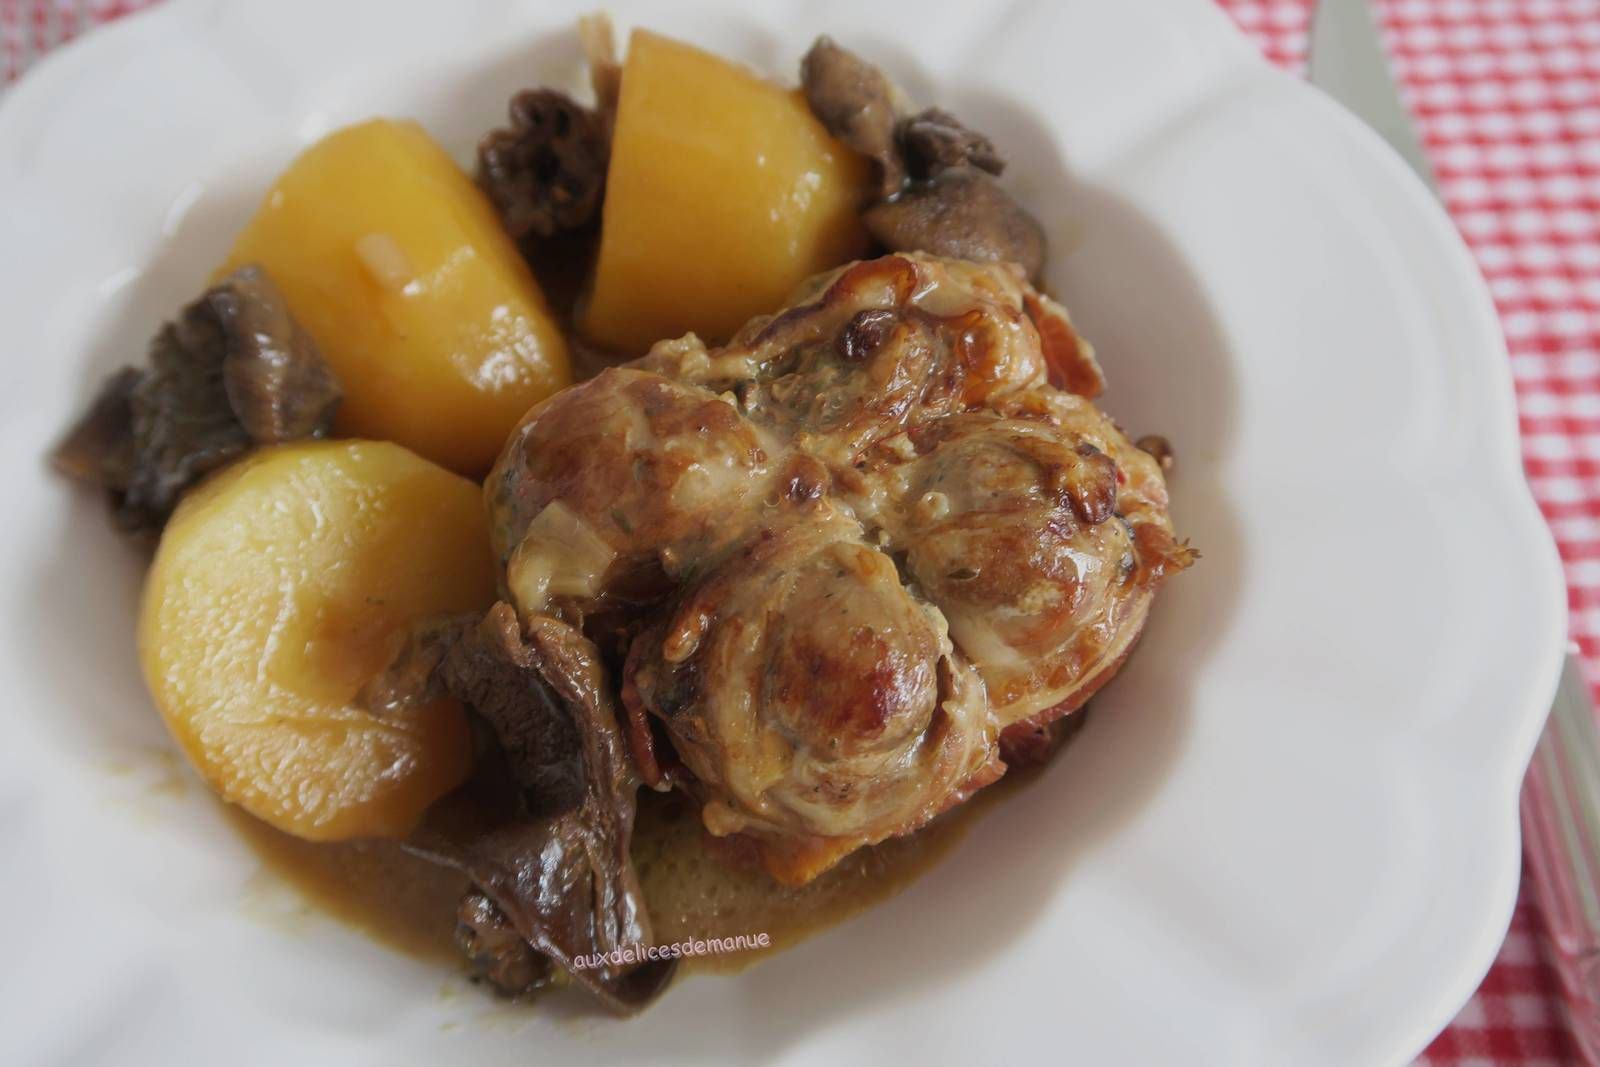 poulet,volaille,cuisses,cèpes,champignons,paupiettes,pommes de terre,plat complet,plat unique